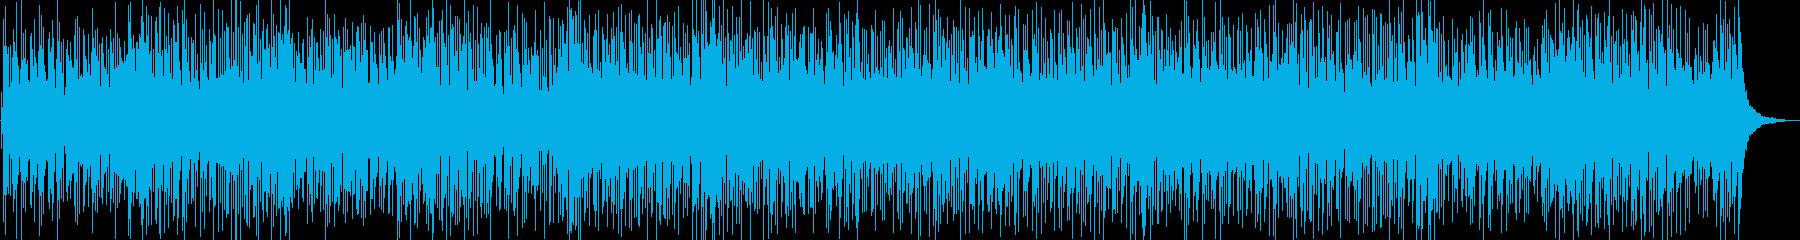 乾いた世界に響くストレートなロックの再生済みの波形